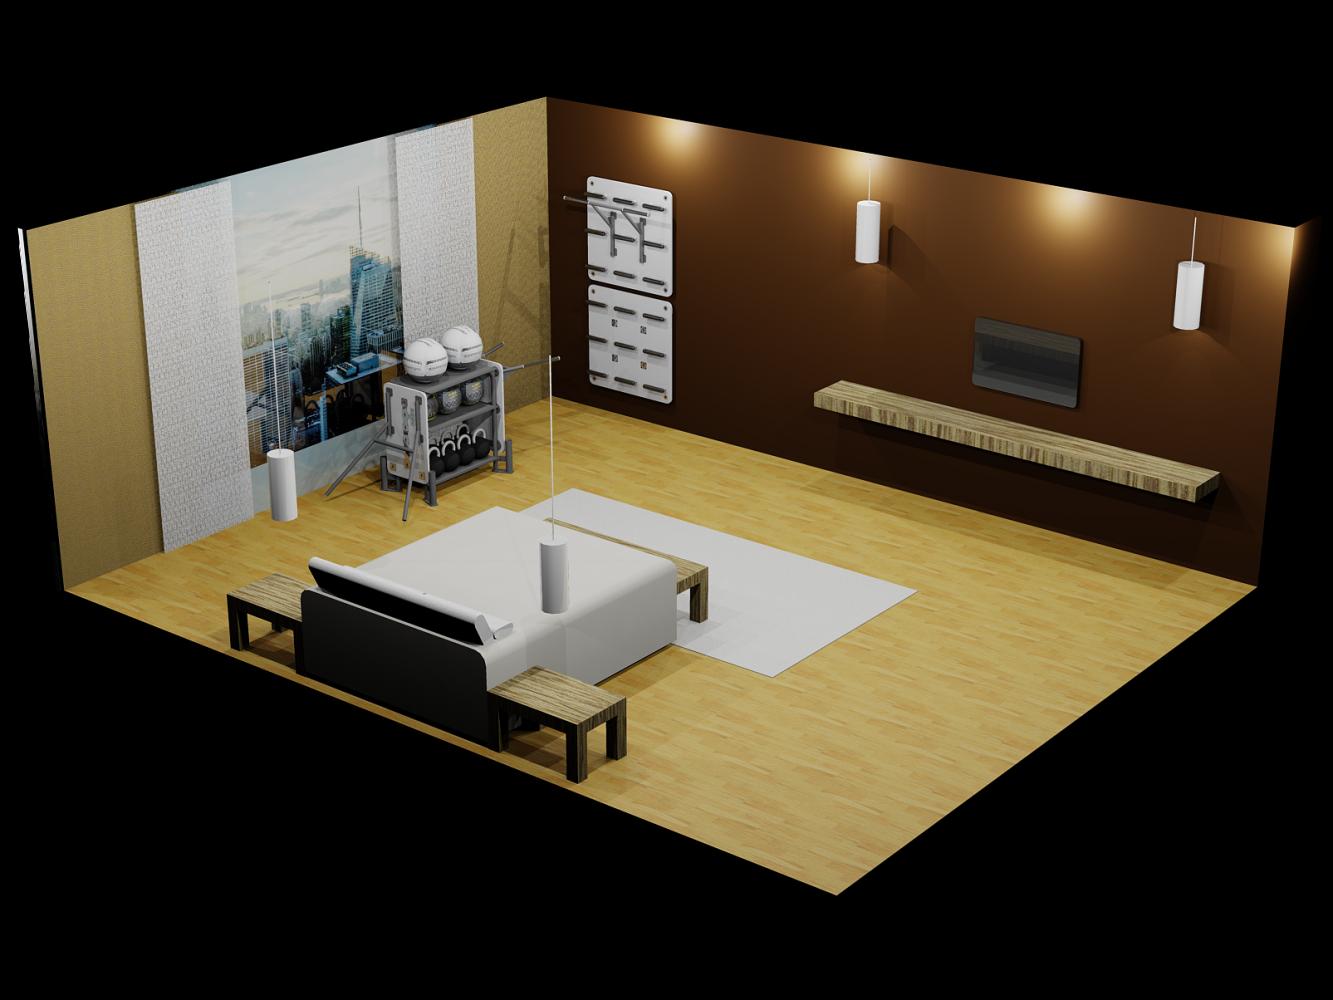 4 m² area